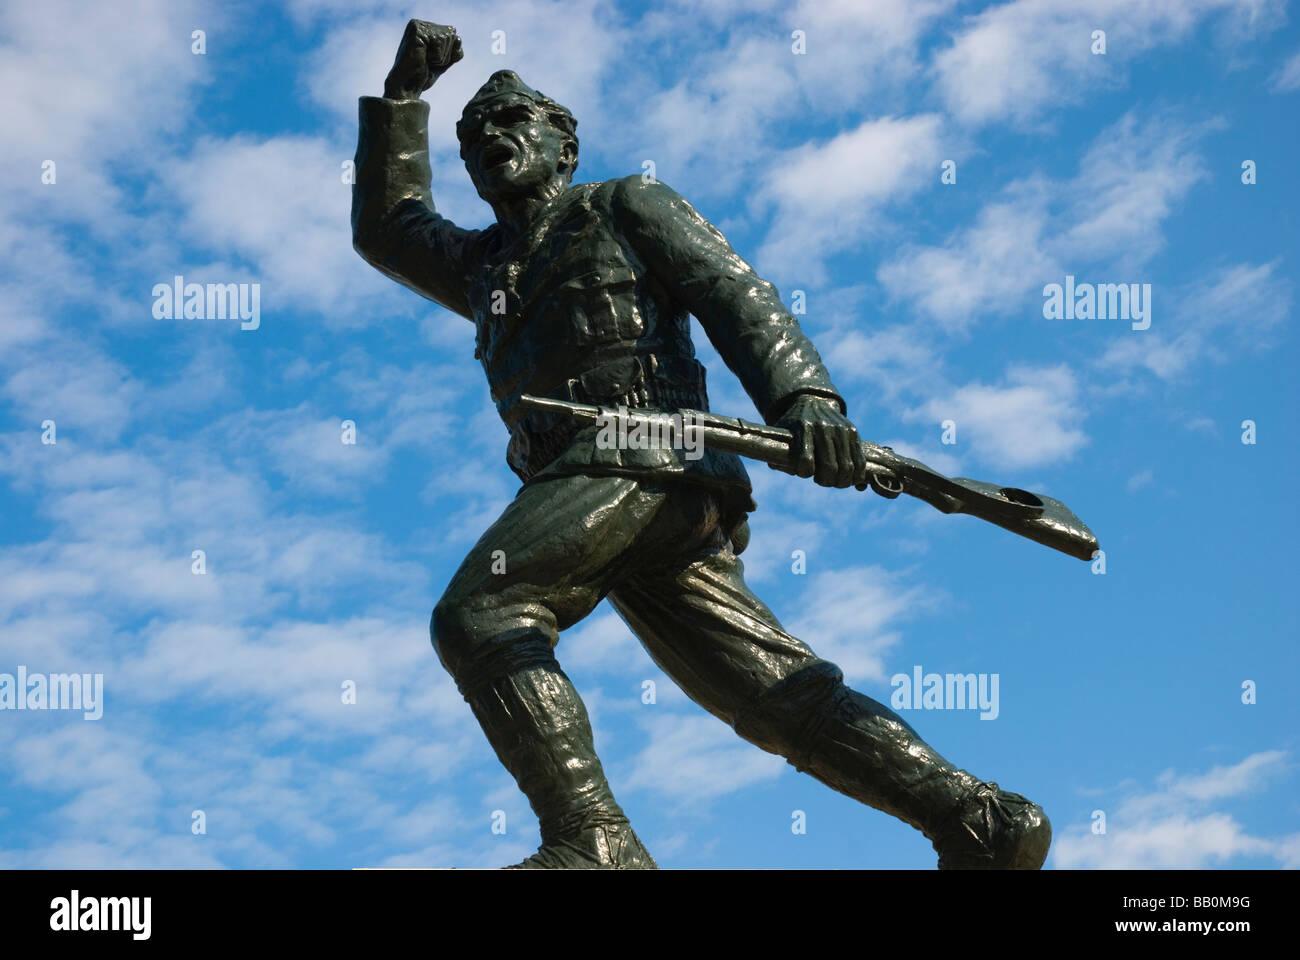 Statue des unbekannten Partisanen in Mitteleuropa Tirana-Albanien Stockfoto